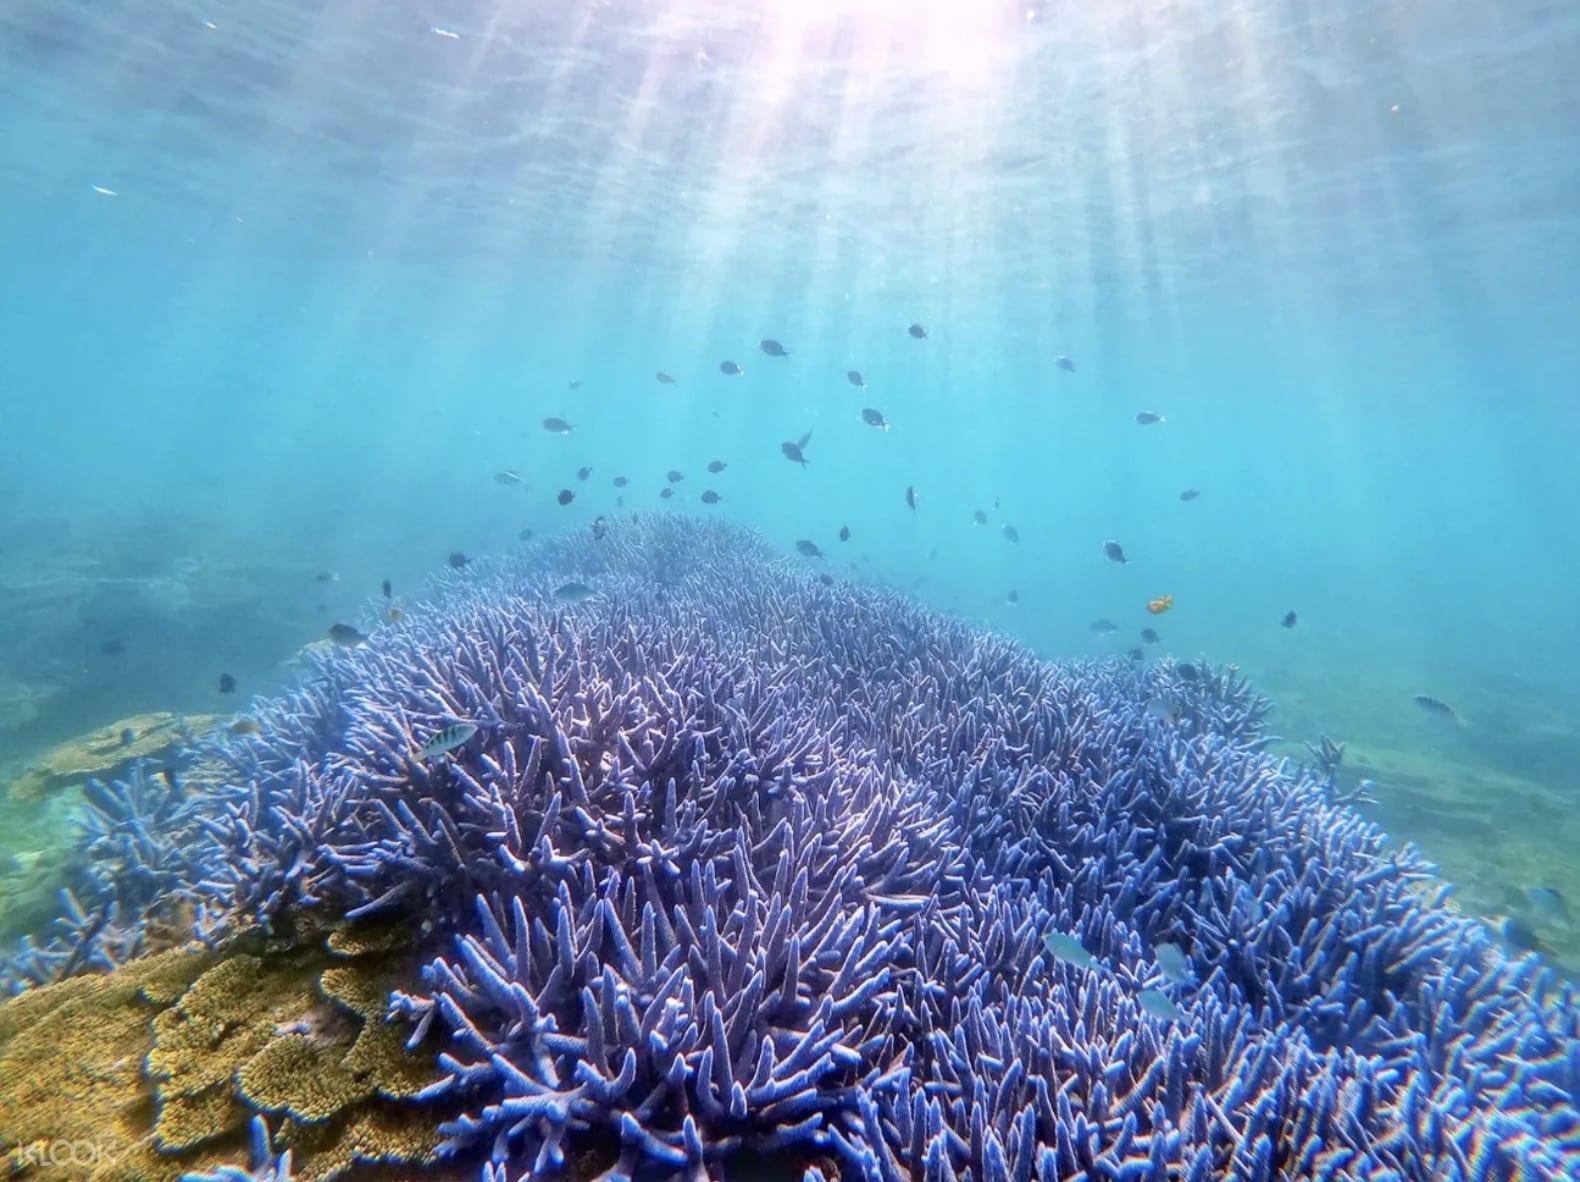 澎湖浮潛景點推薦整理(本島、忘憂島、七美、東海、吉貝)